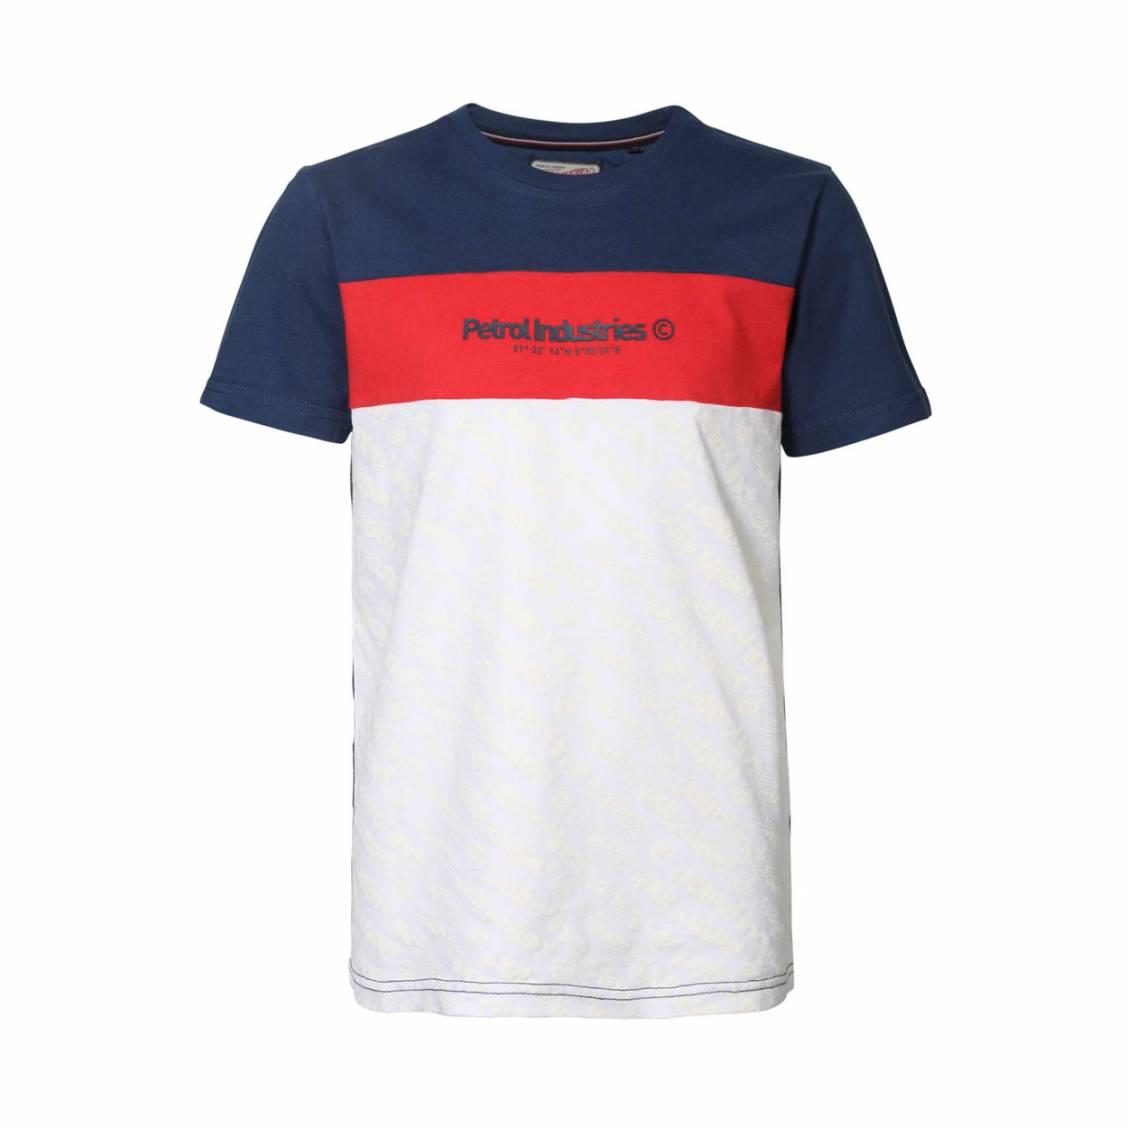 Tee-shirt col rond Petrol Industries en coton colorblock bleu, rouge et blanc